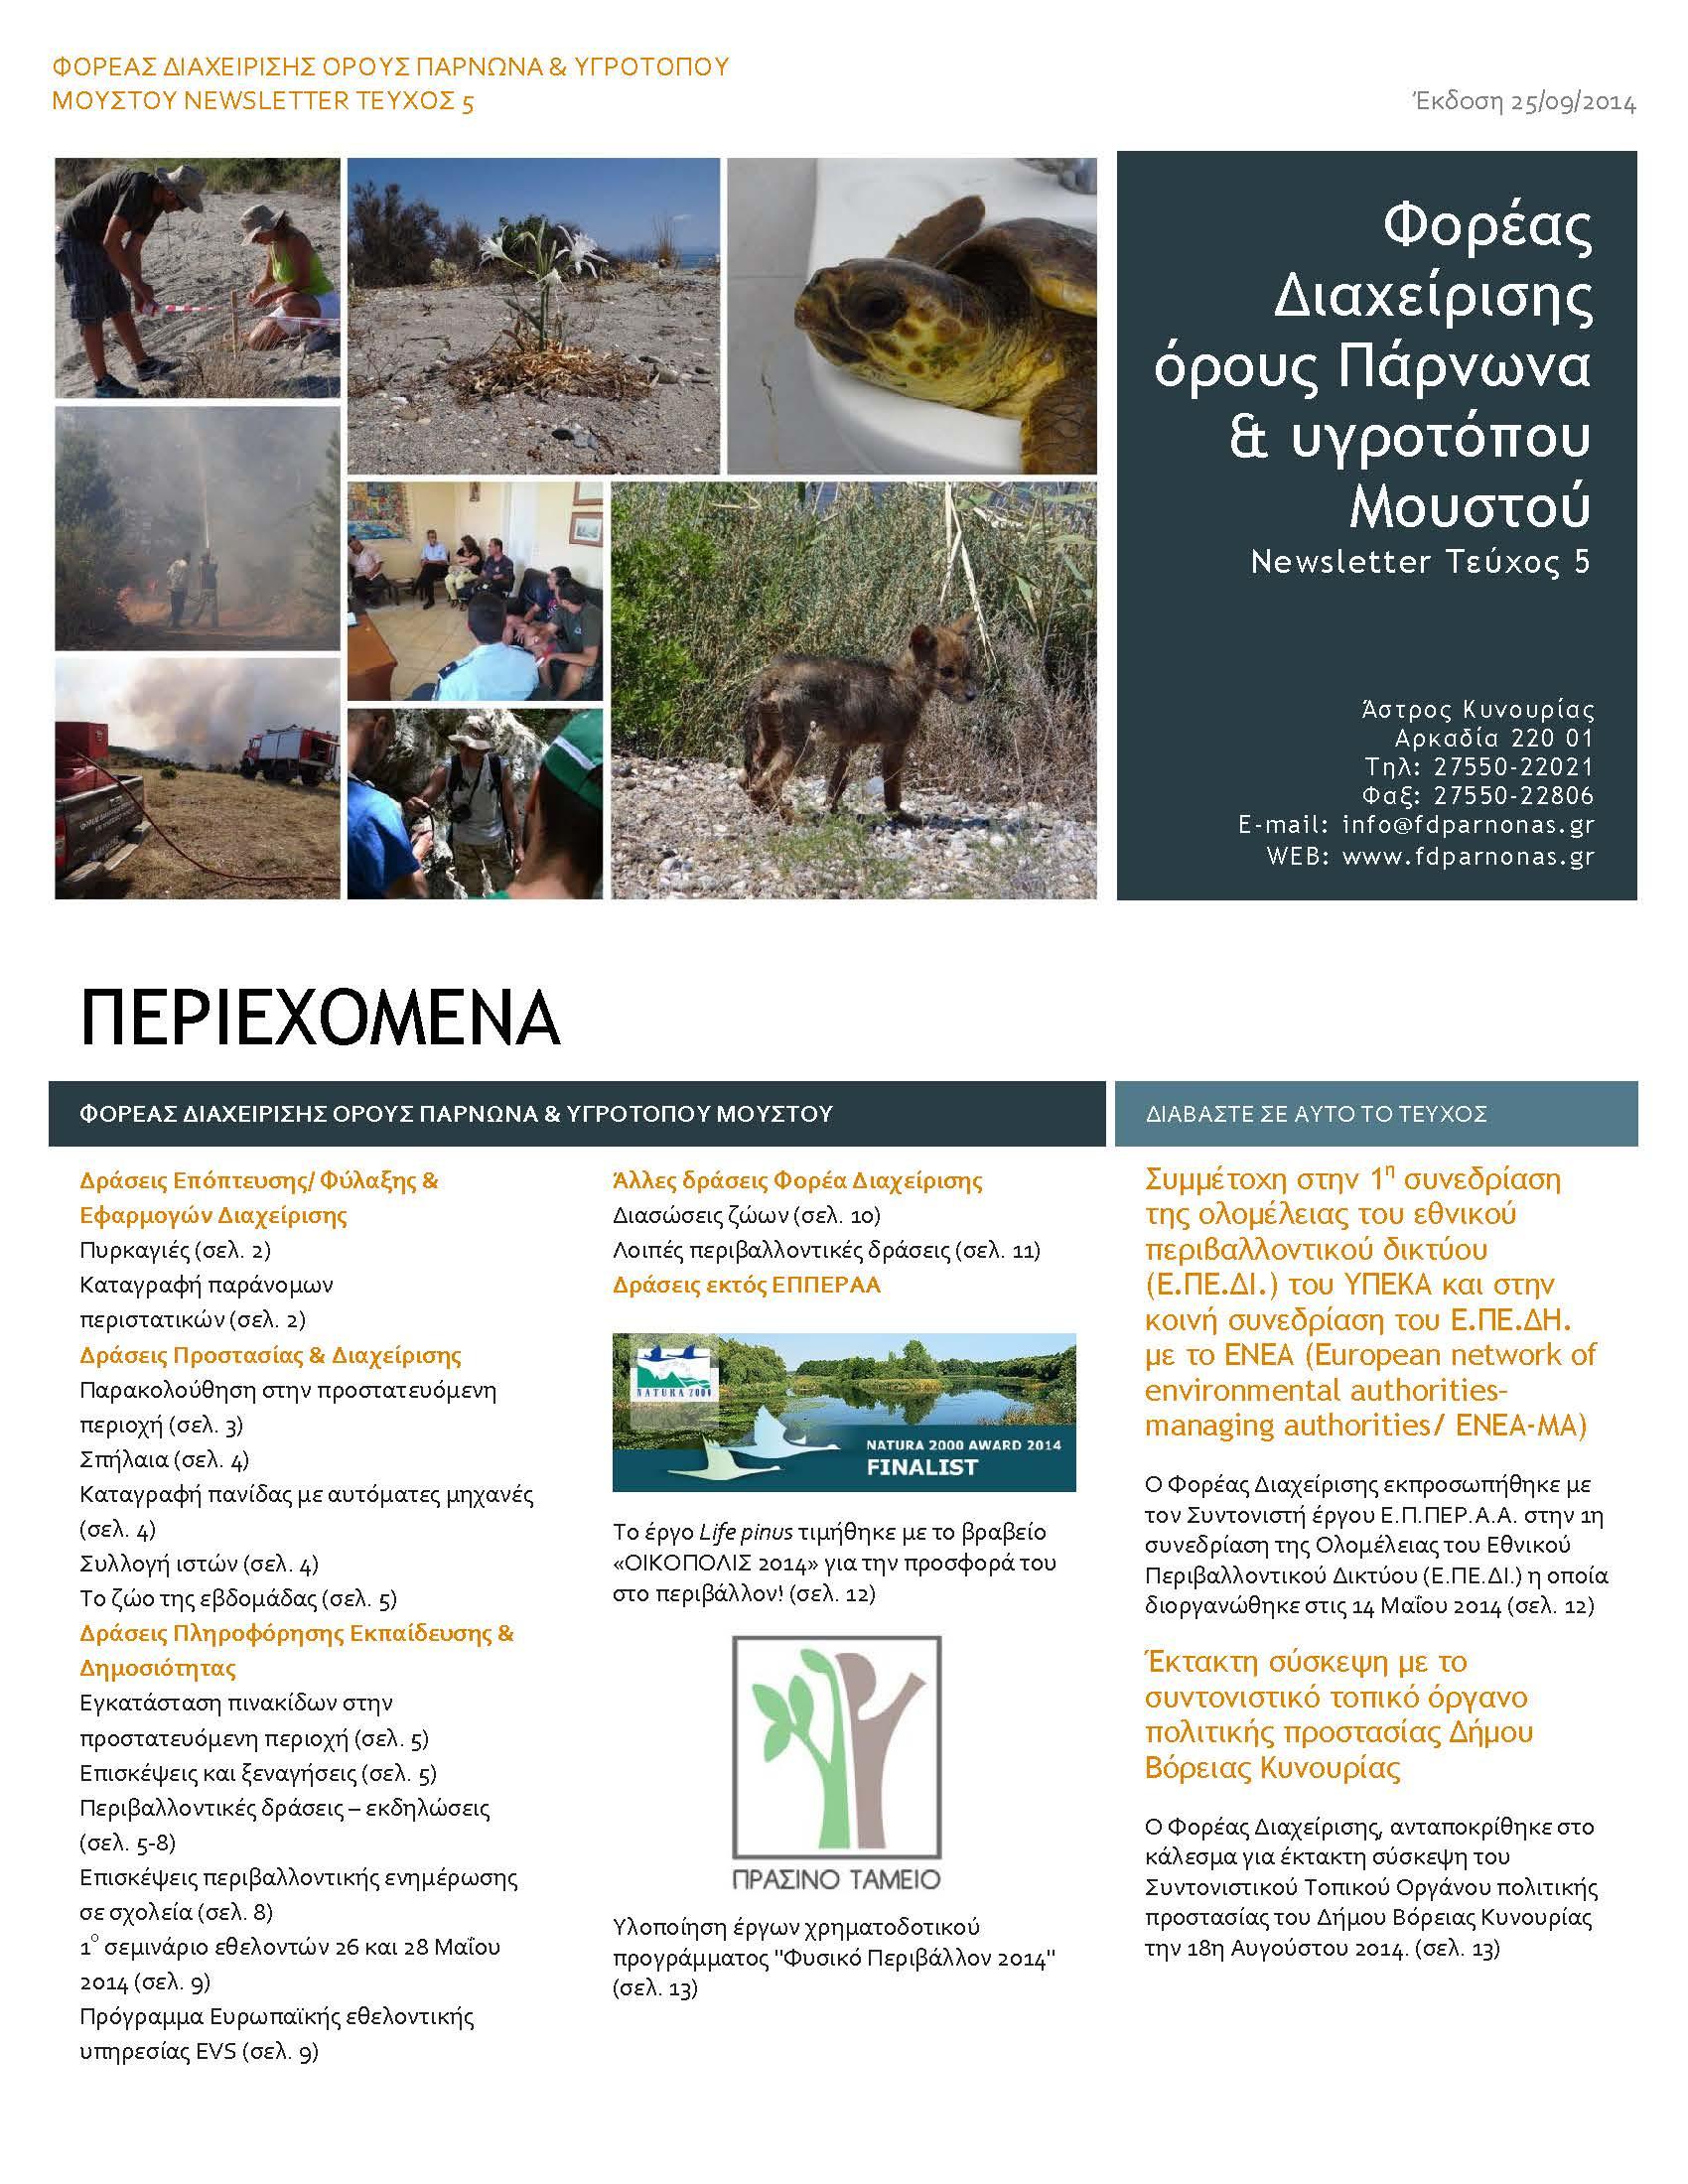 Newsletter 5th_2014_cover.jpg